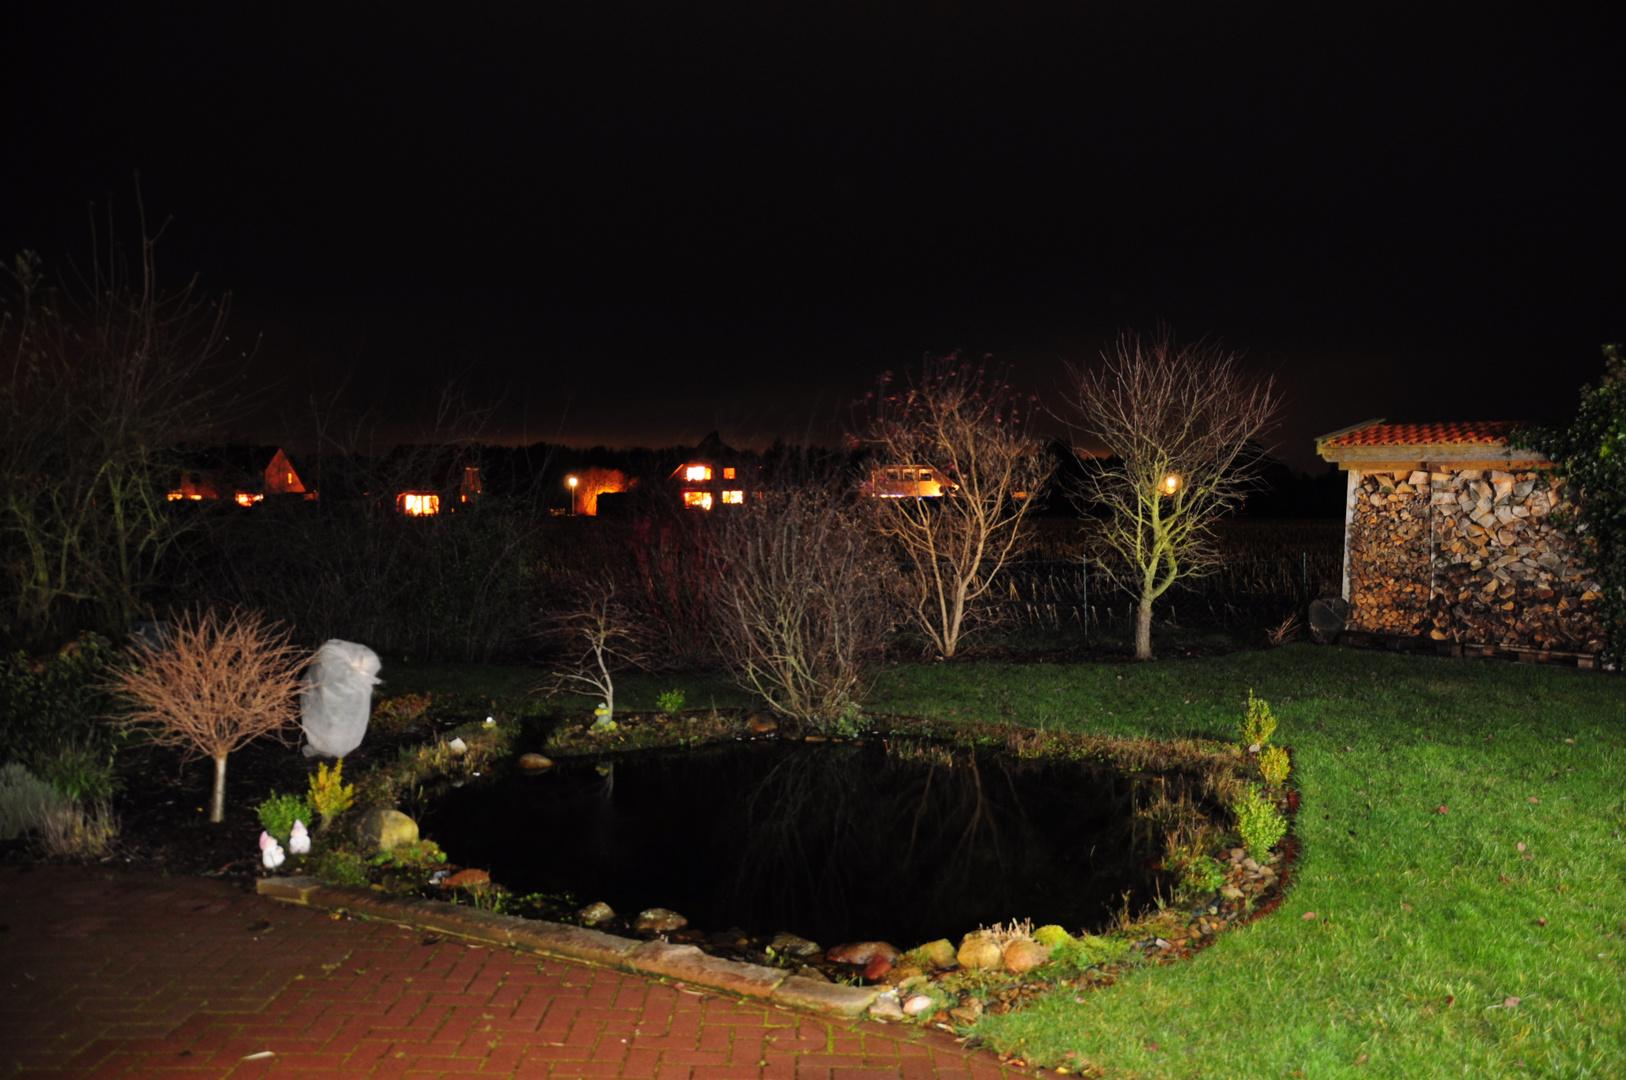 Eine Nacht im Garten